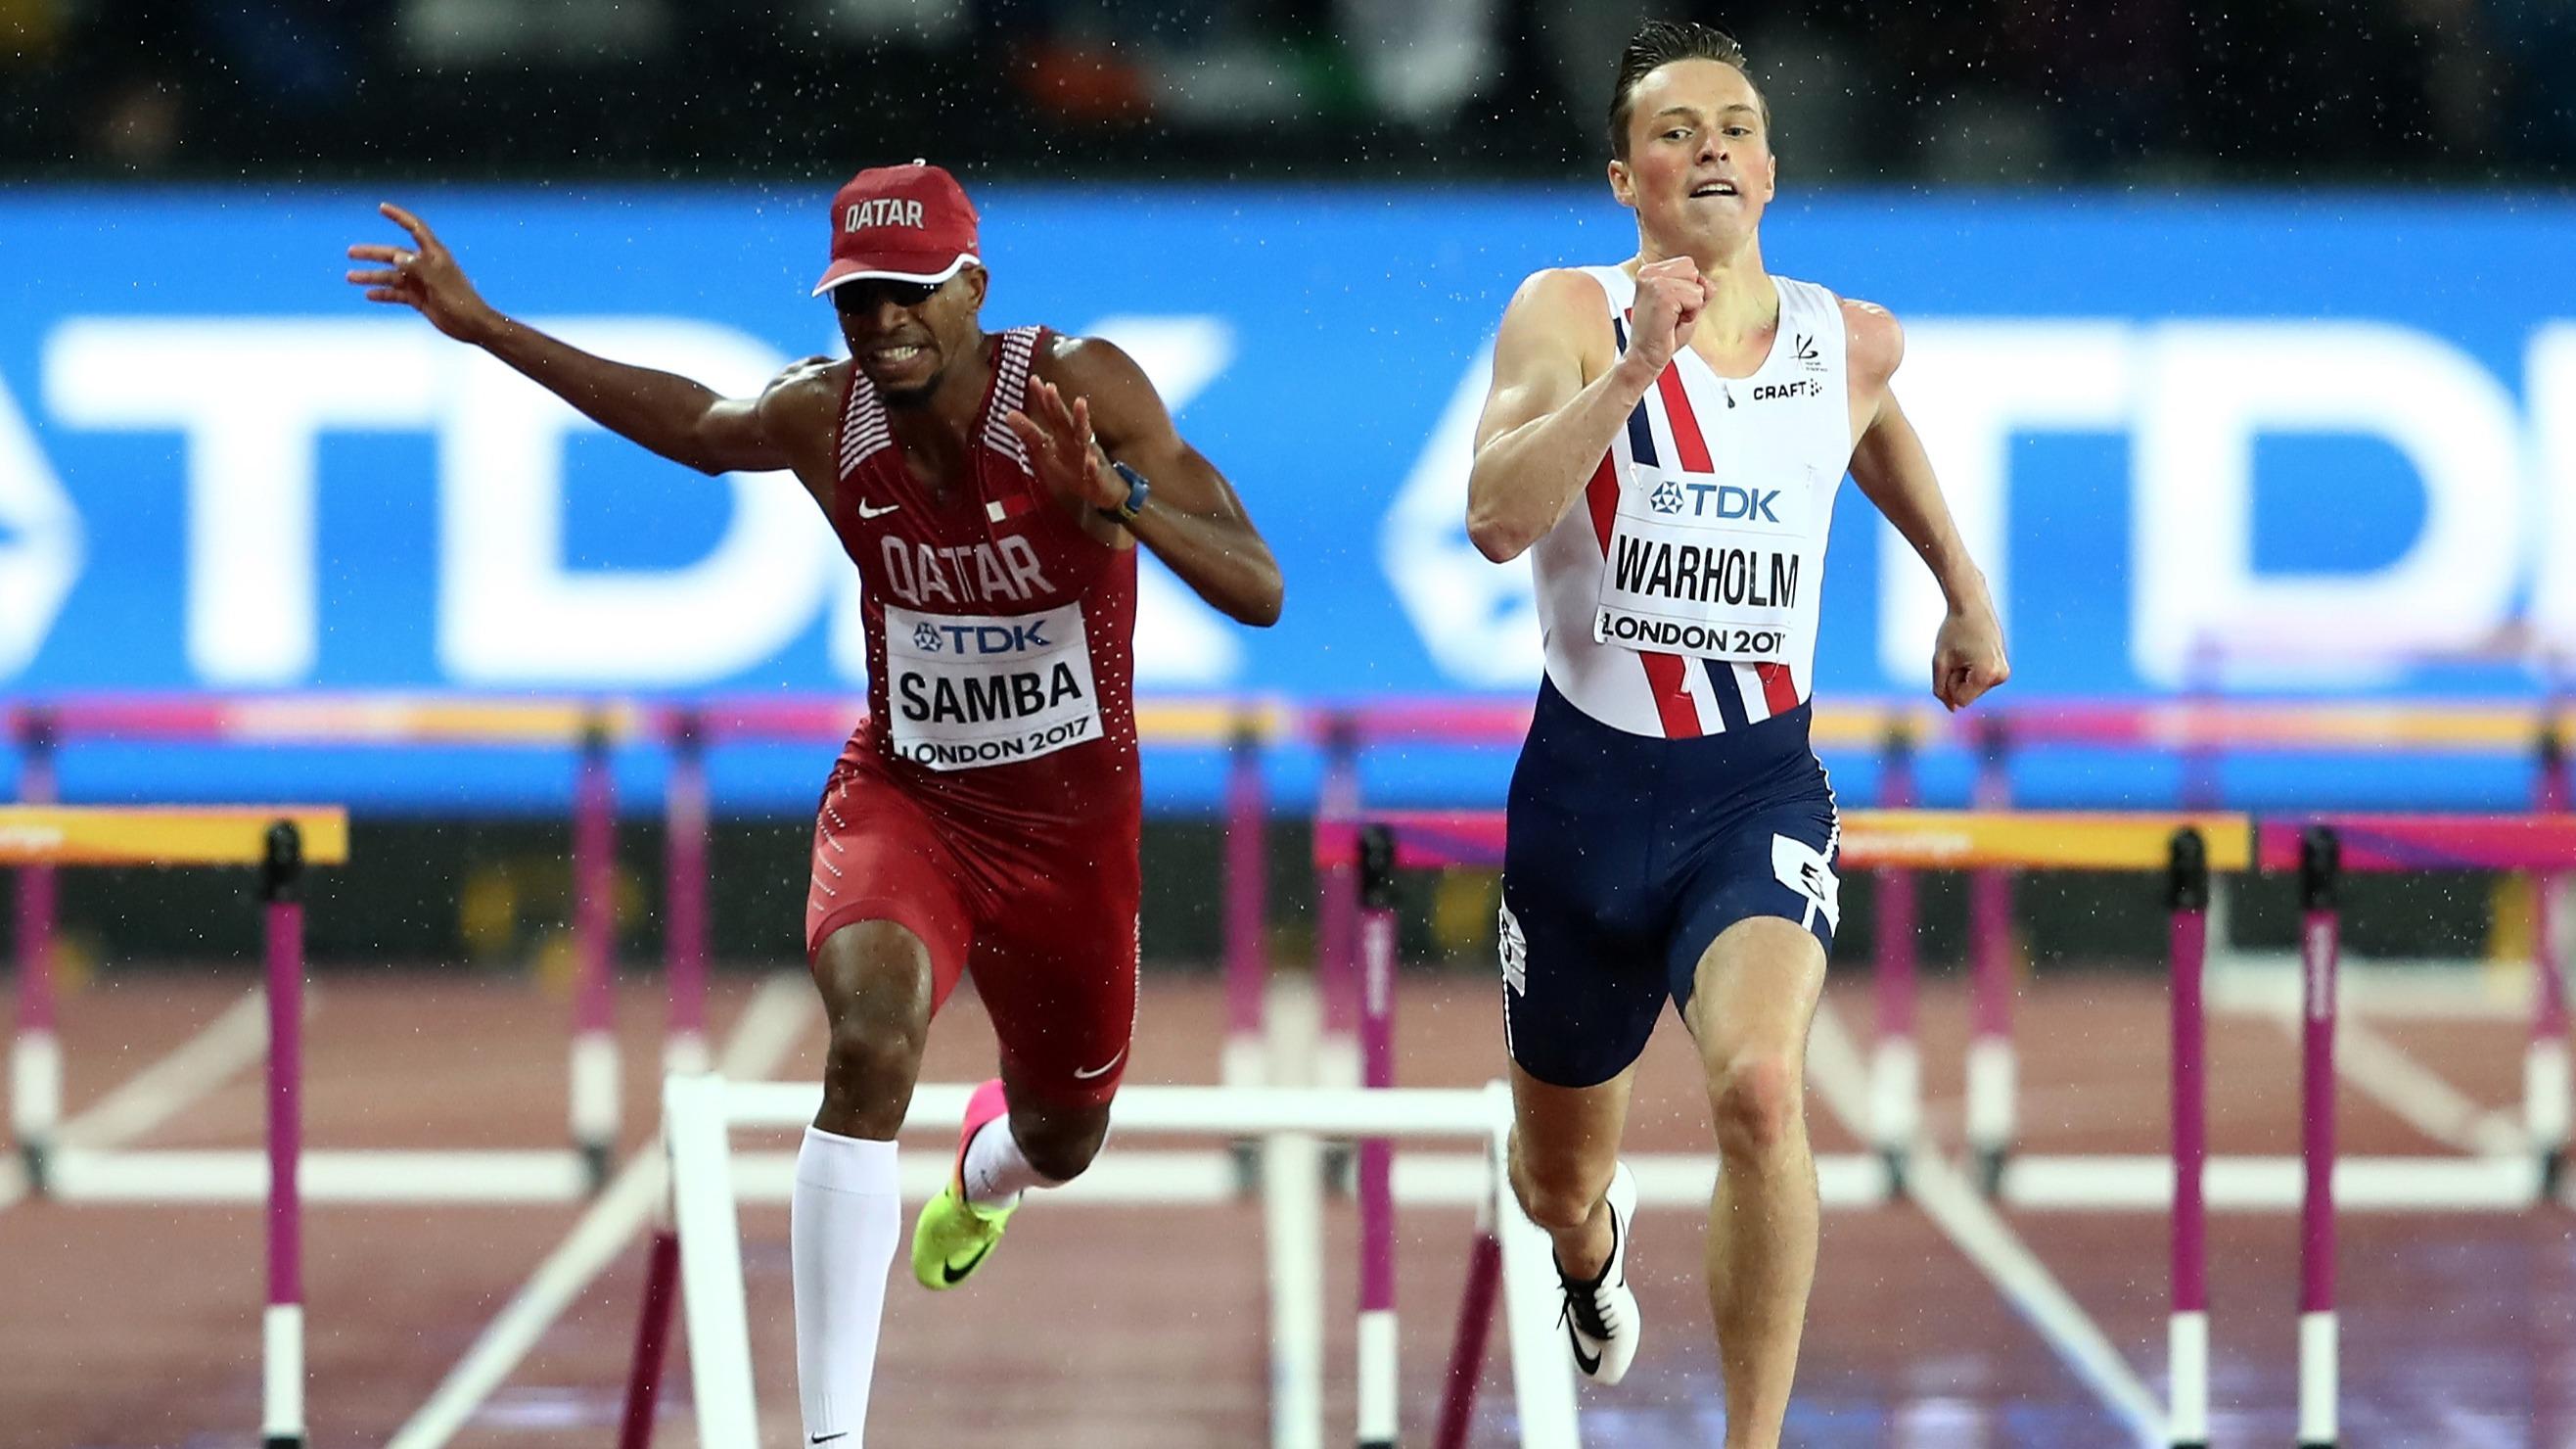 Norway's Karsten Warholm wins 400m hurdles gold